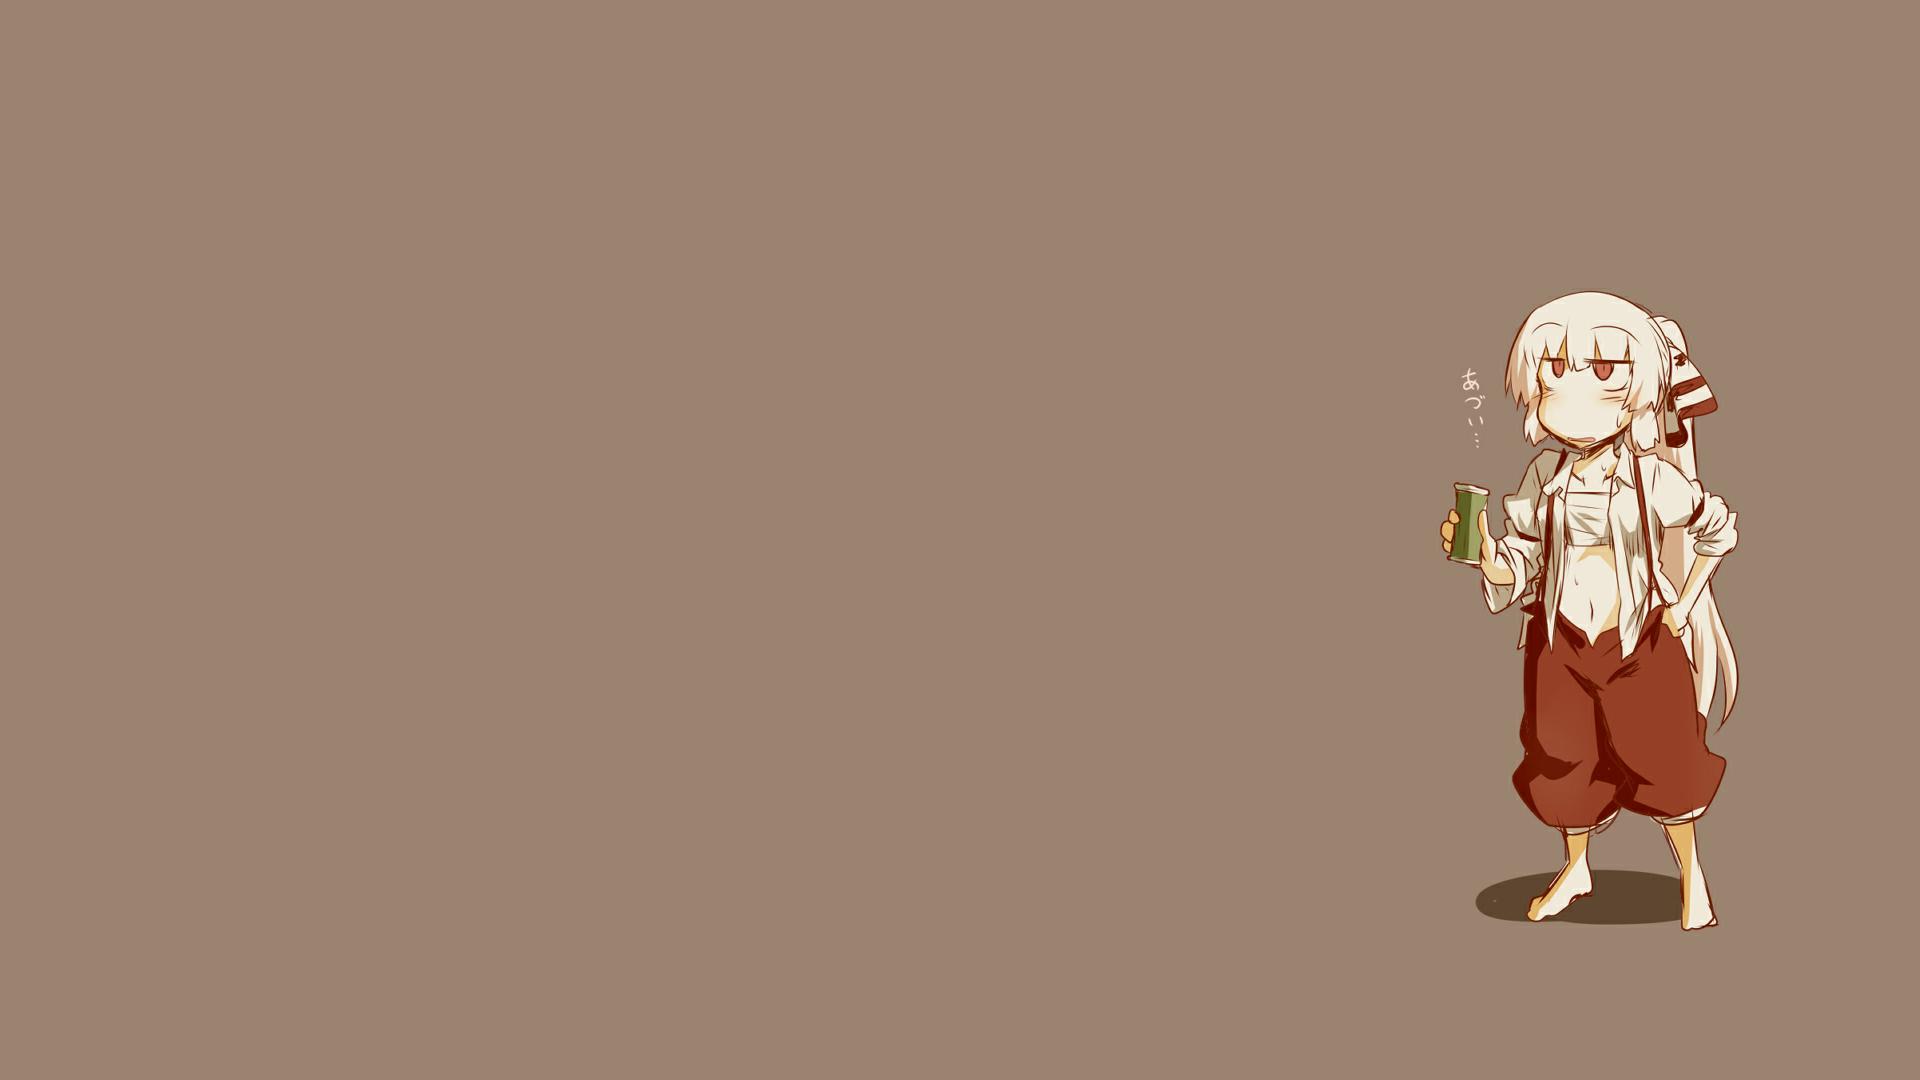 デスクトップ壁紙 藤原の桃子 東方 単純な背景 茶色の背景 アニメ 19x1080 Cristian04alex デスクトップ壁紙 Wallhere